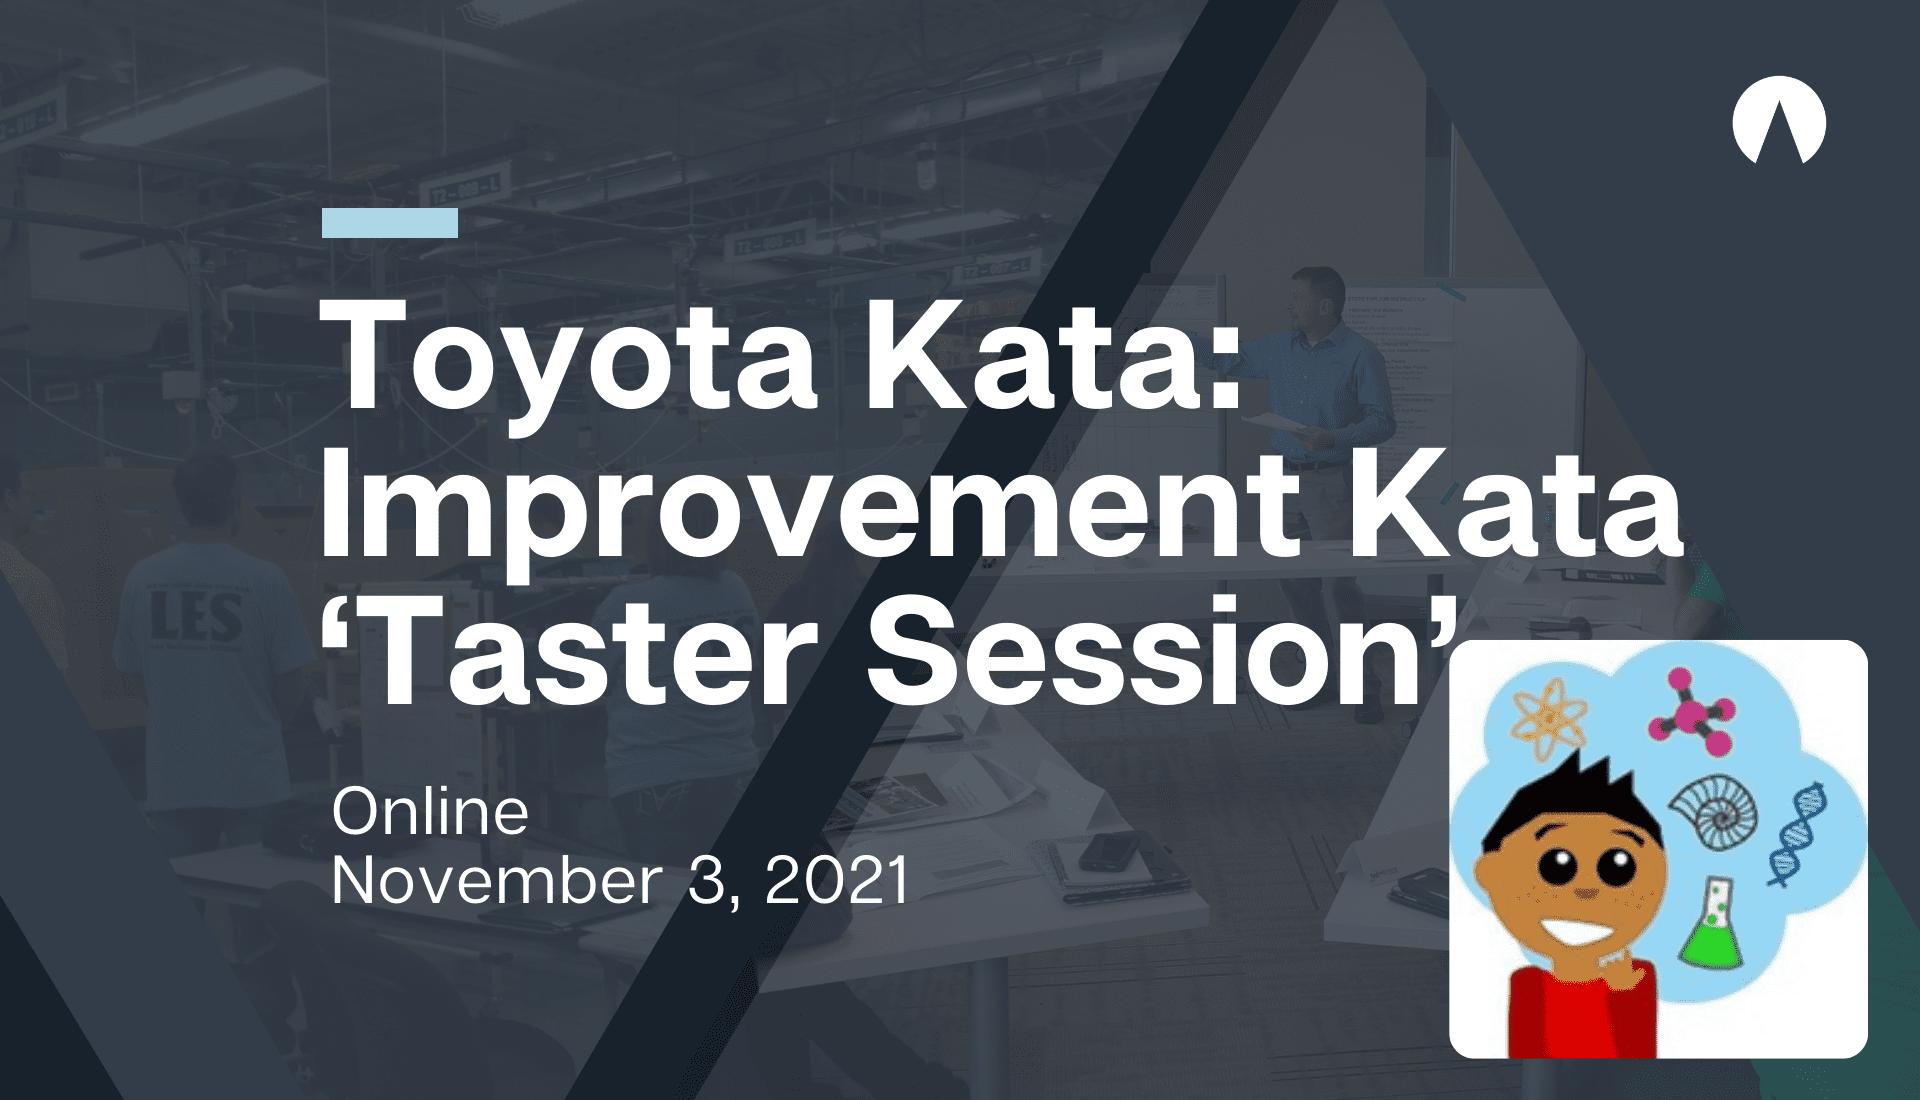 Toyota Kata: Improvement Kata 'Taster Session'